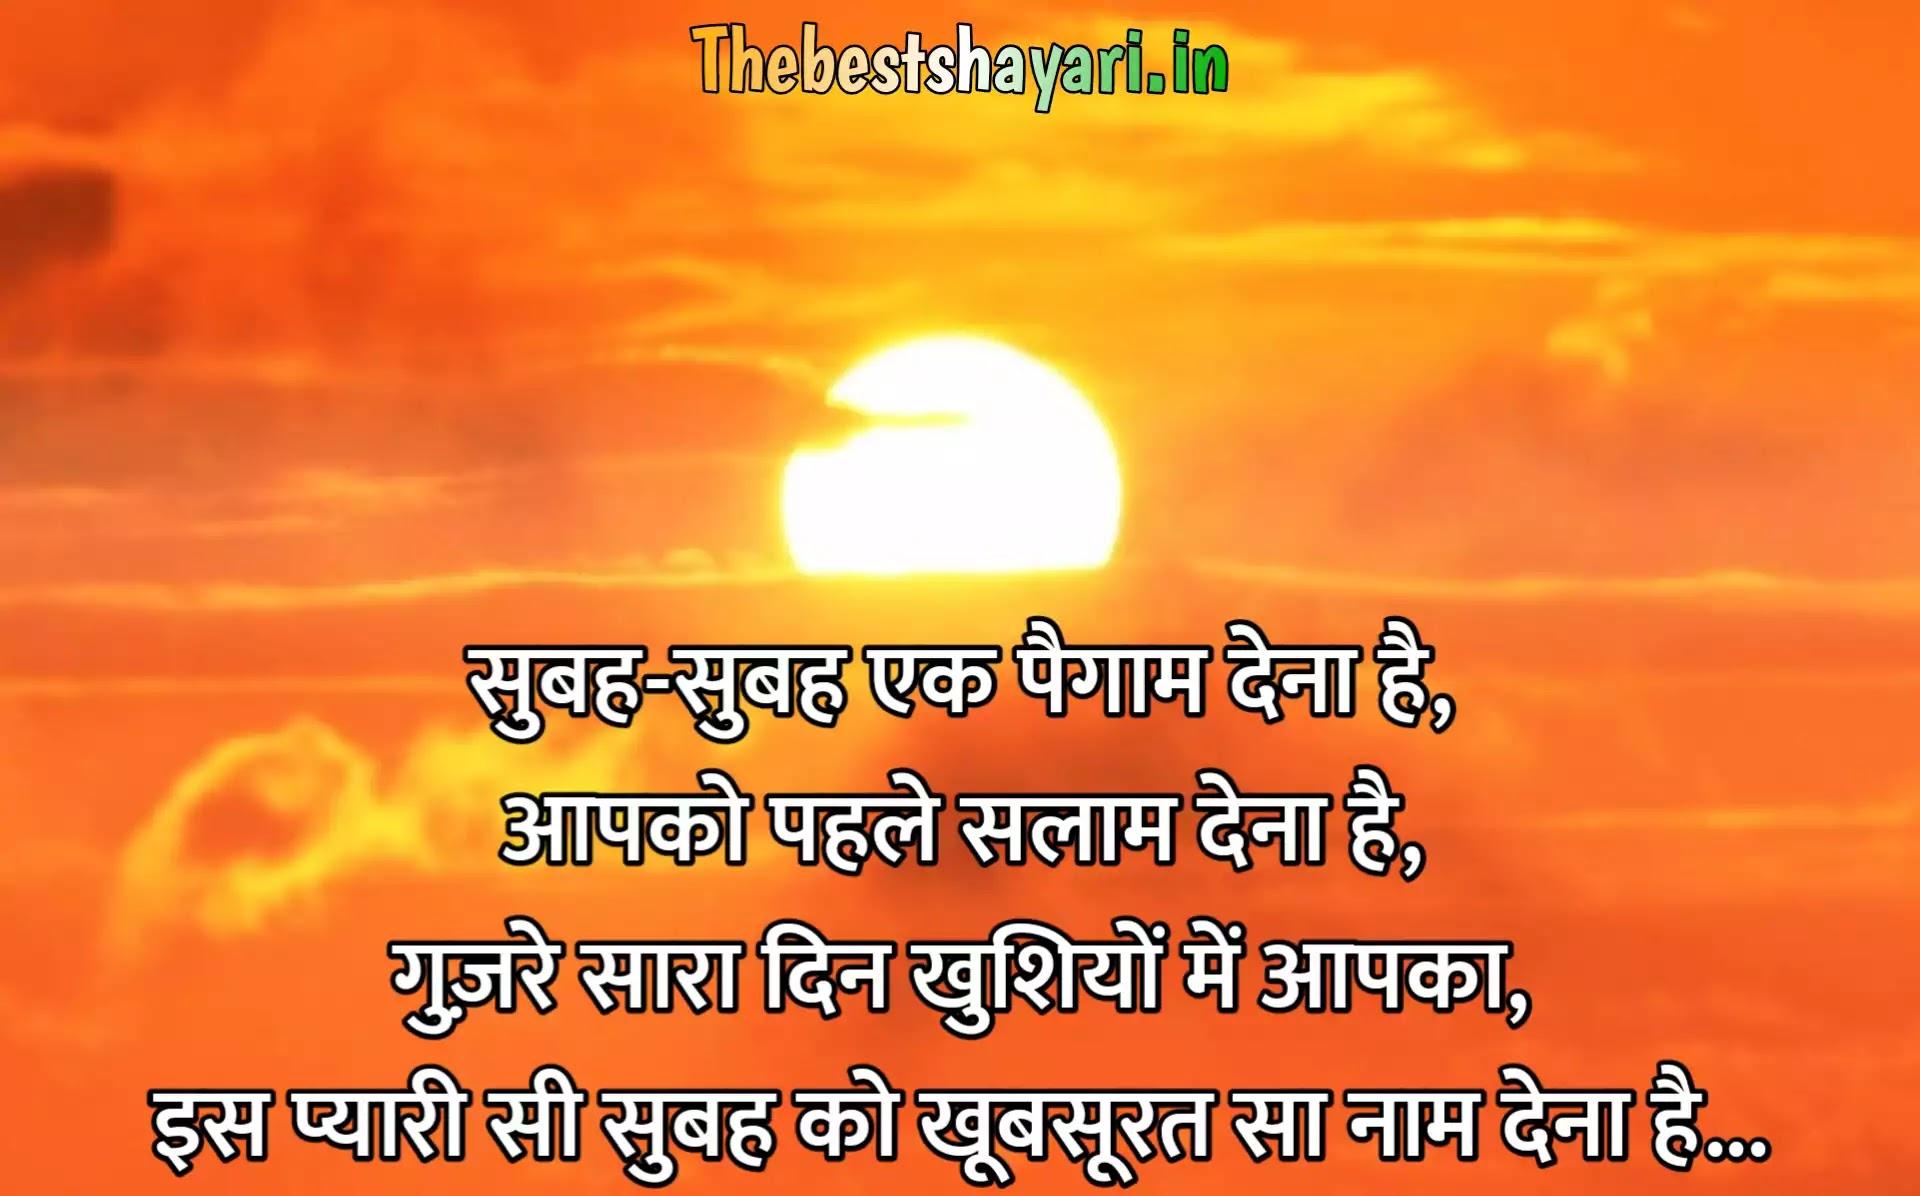 khubsurat good morning shayari SMS